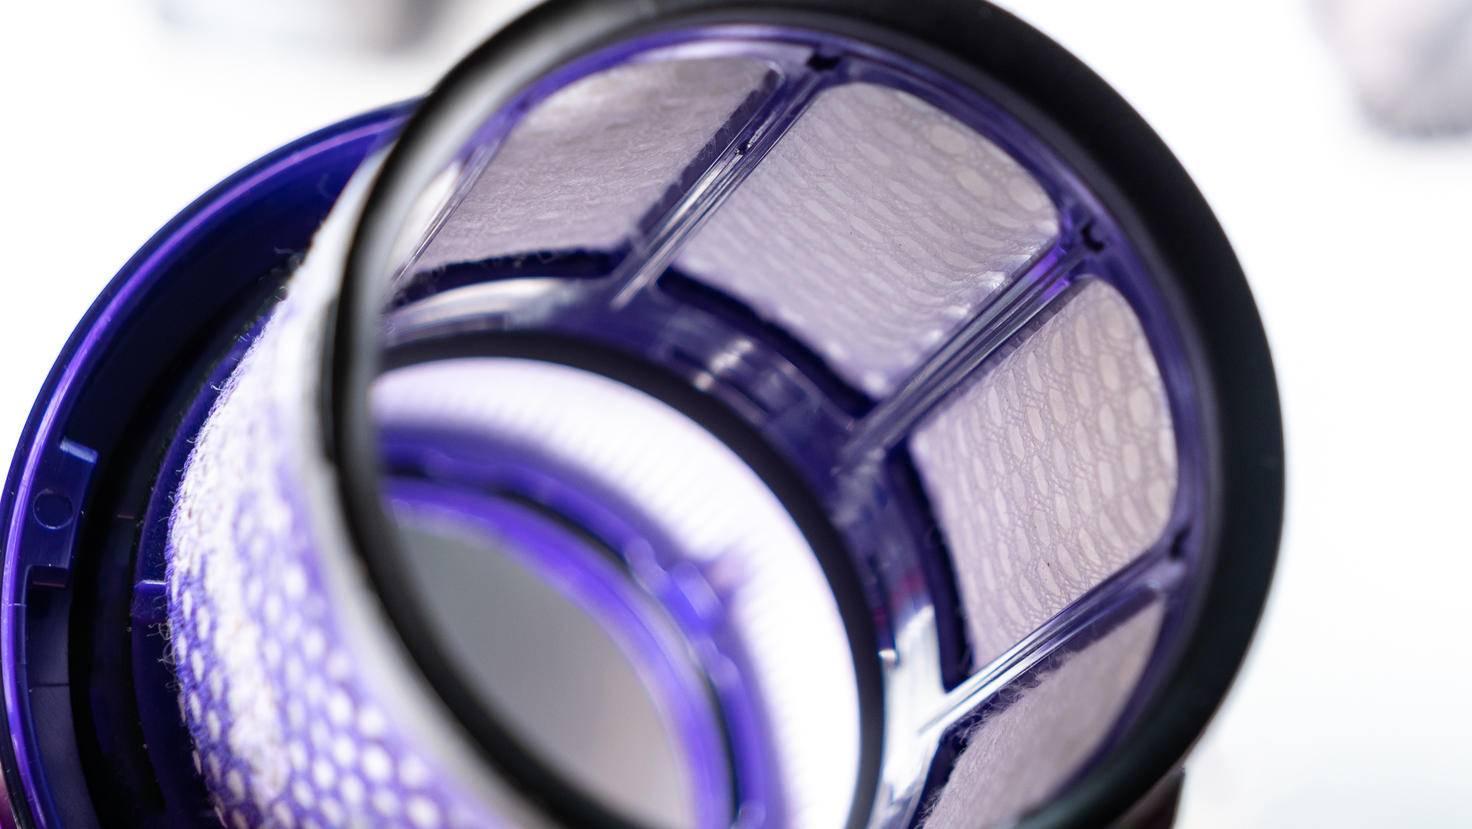 So sieht der Filter von innen aus.